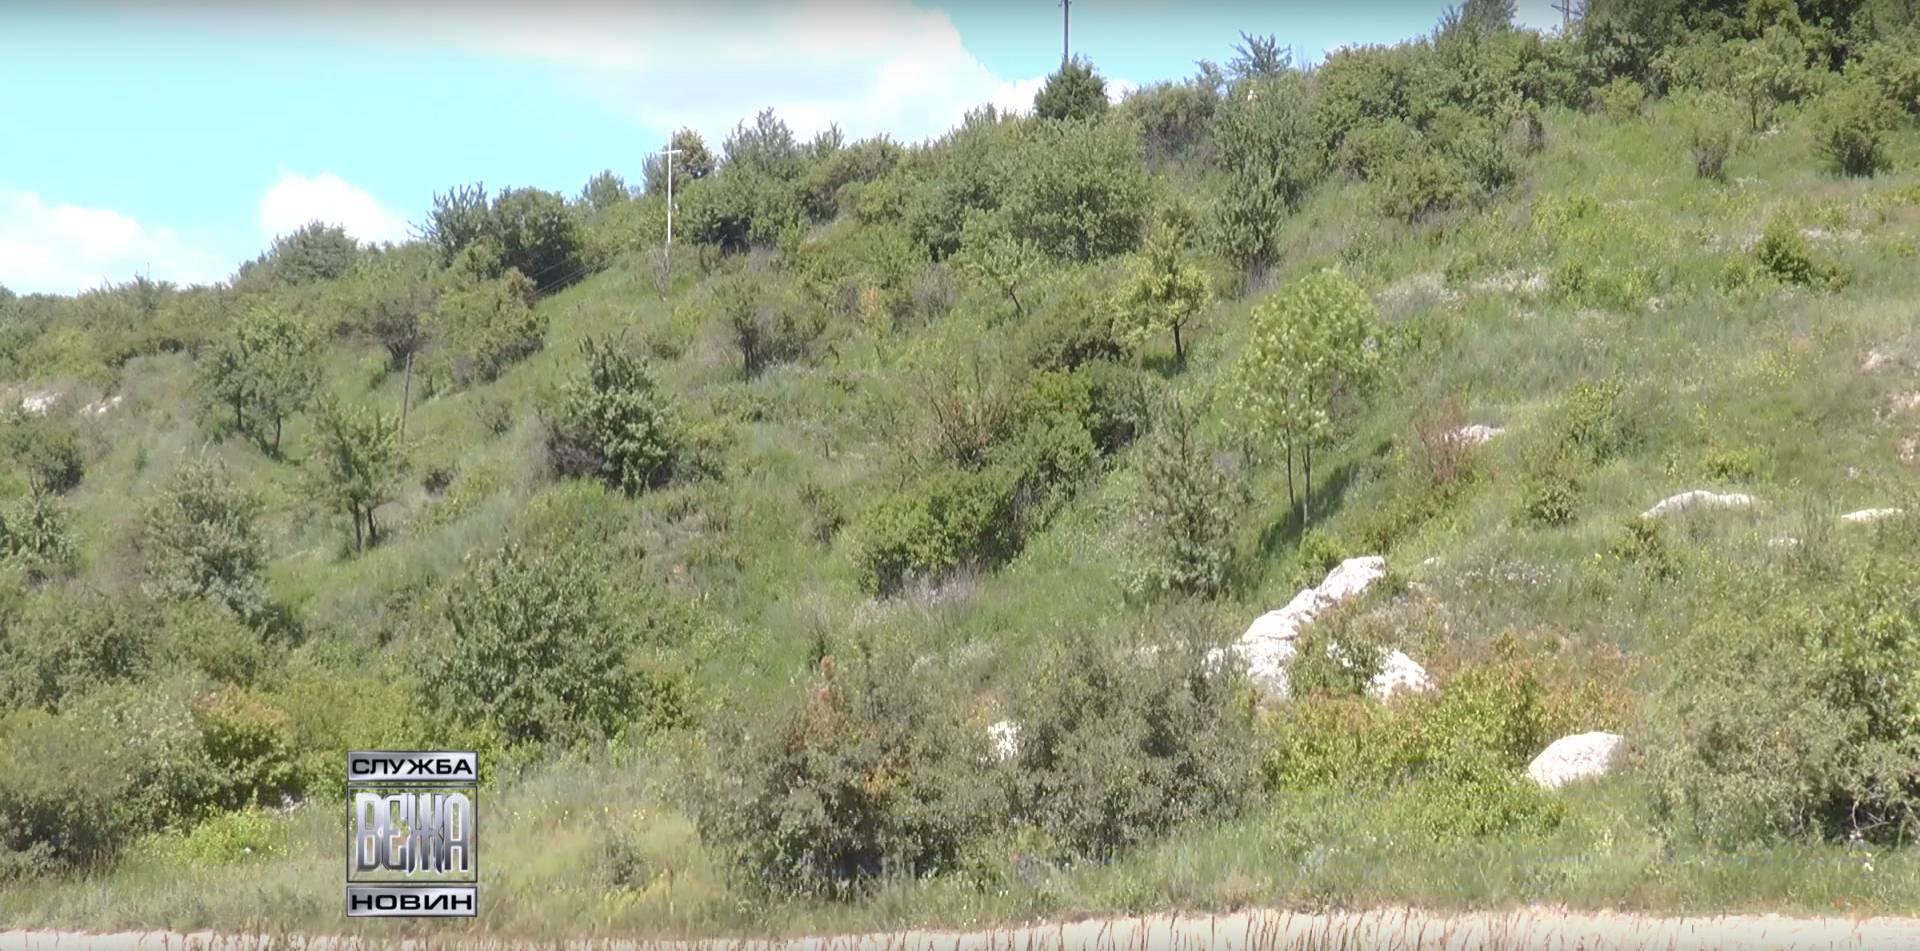 Івано-Франківська мерія облагородить єдиний в місті ліс у с. Вовчинці (ВІДЕО)